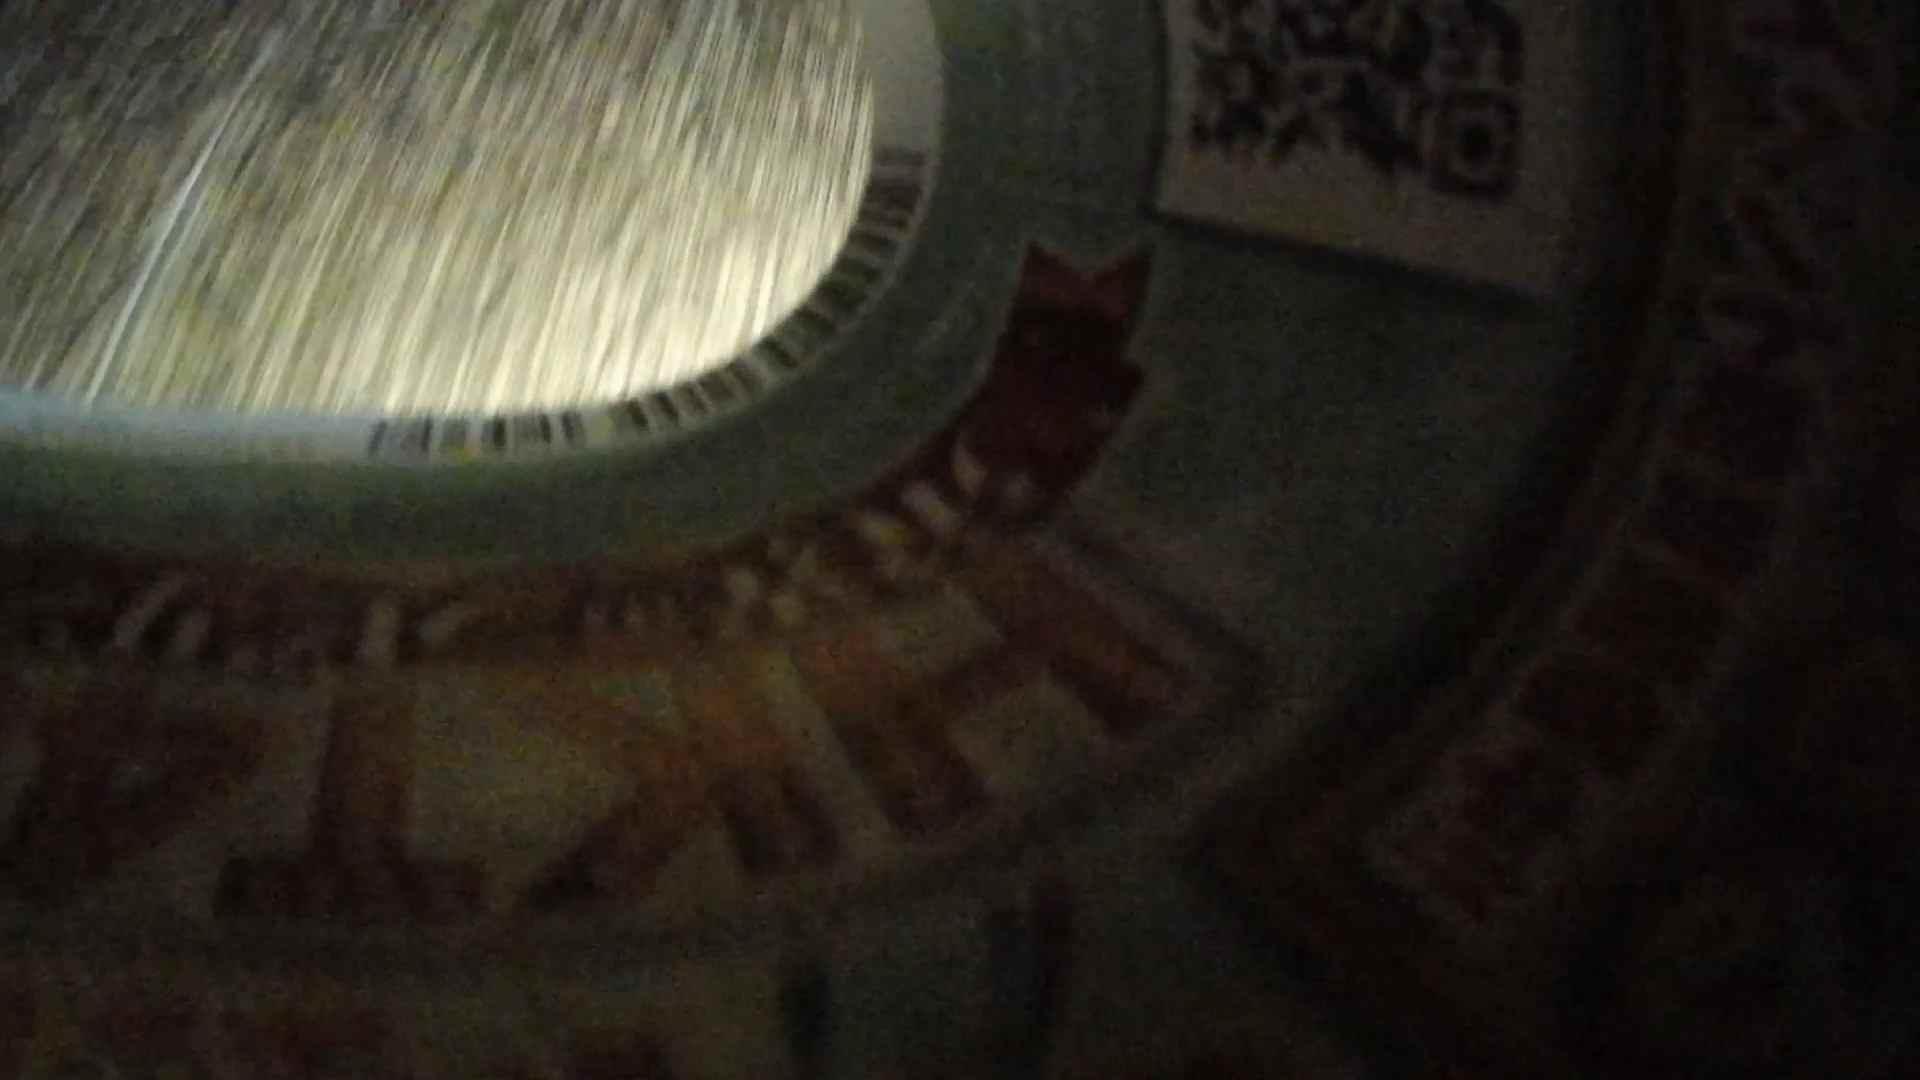 悪戯ネットカフェ Vol16 前篇 JD系モリマン発見!! 悪戯 おめこ無修正動画無料 106枚 30